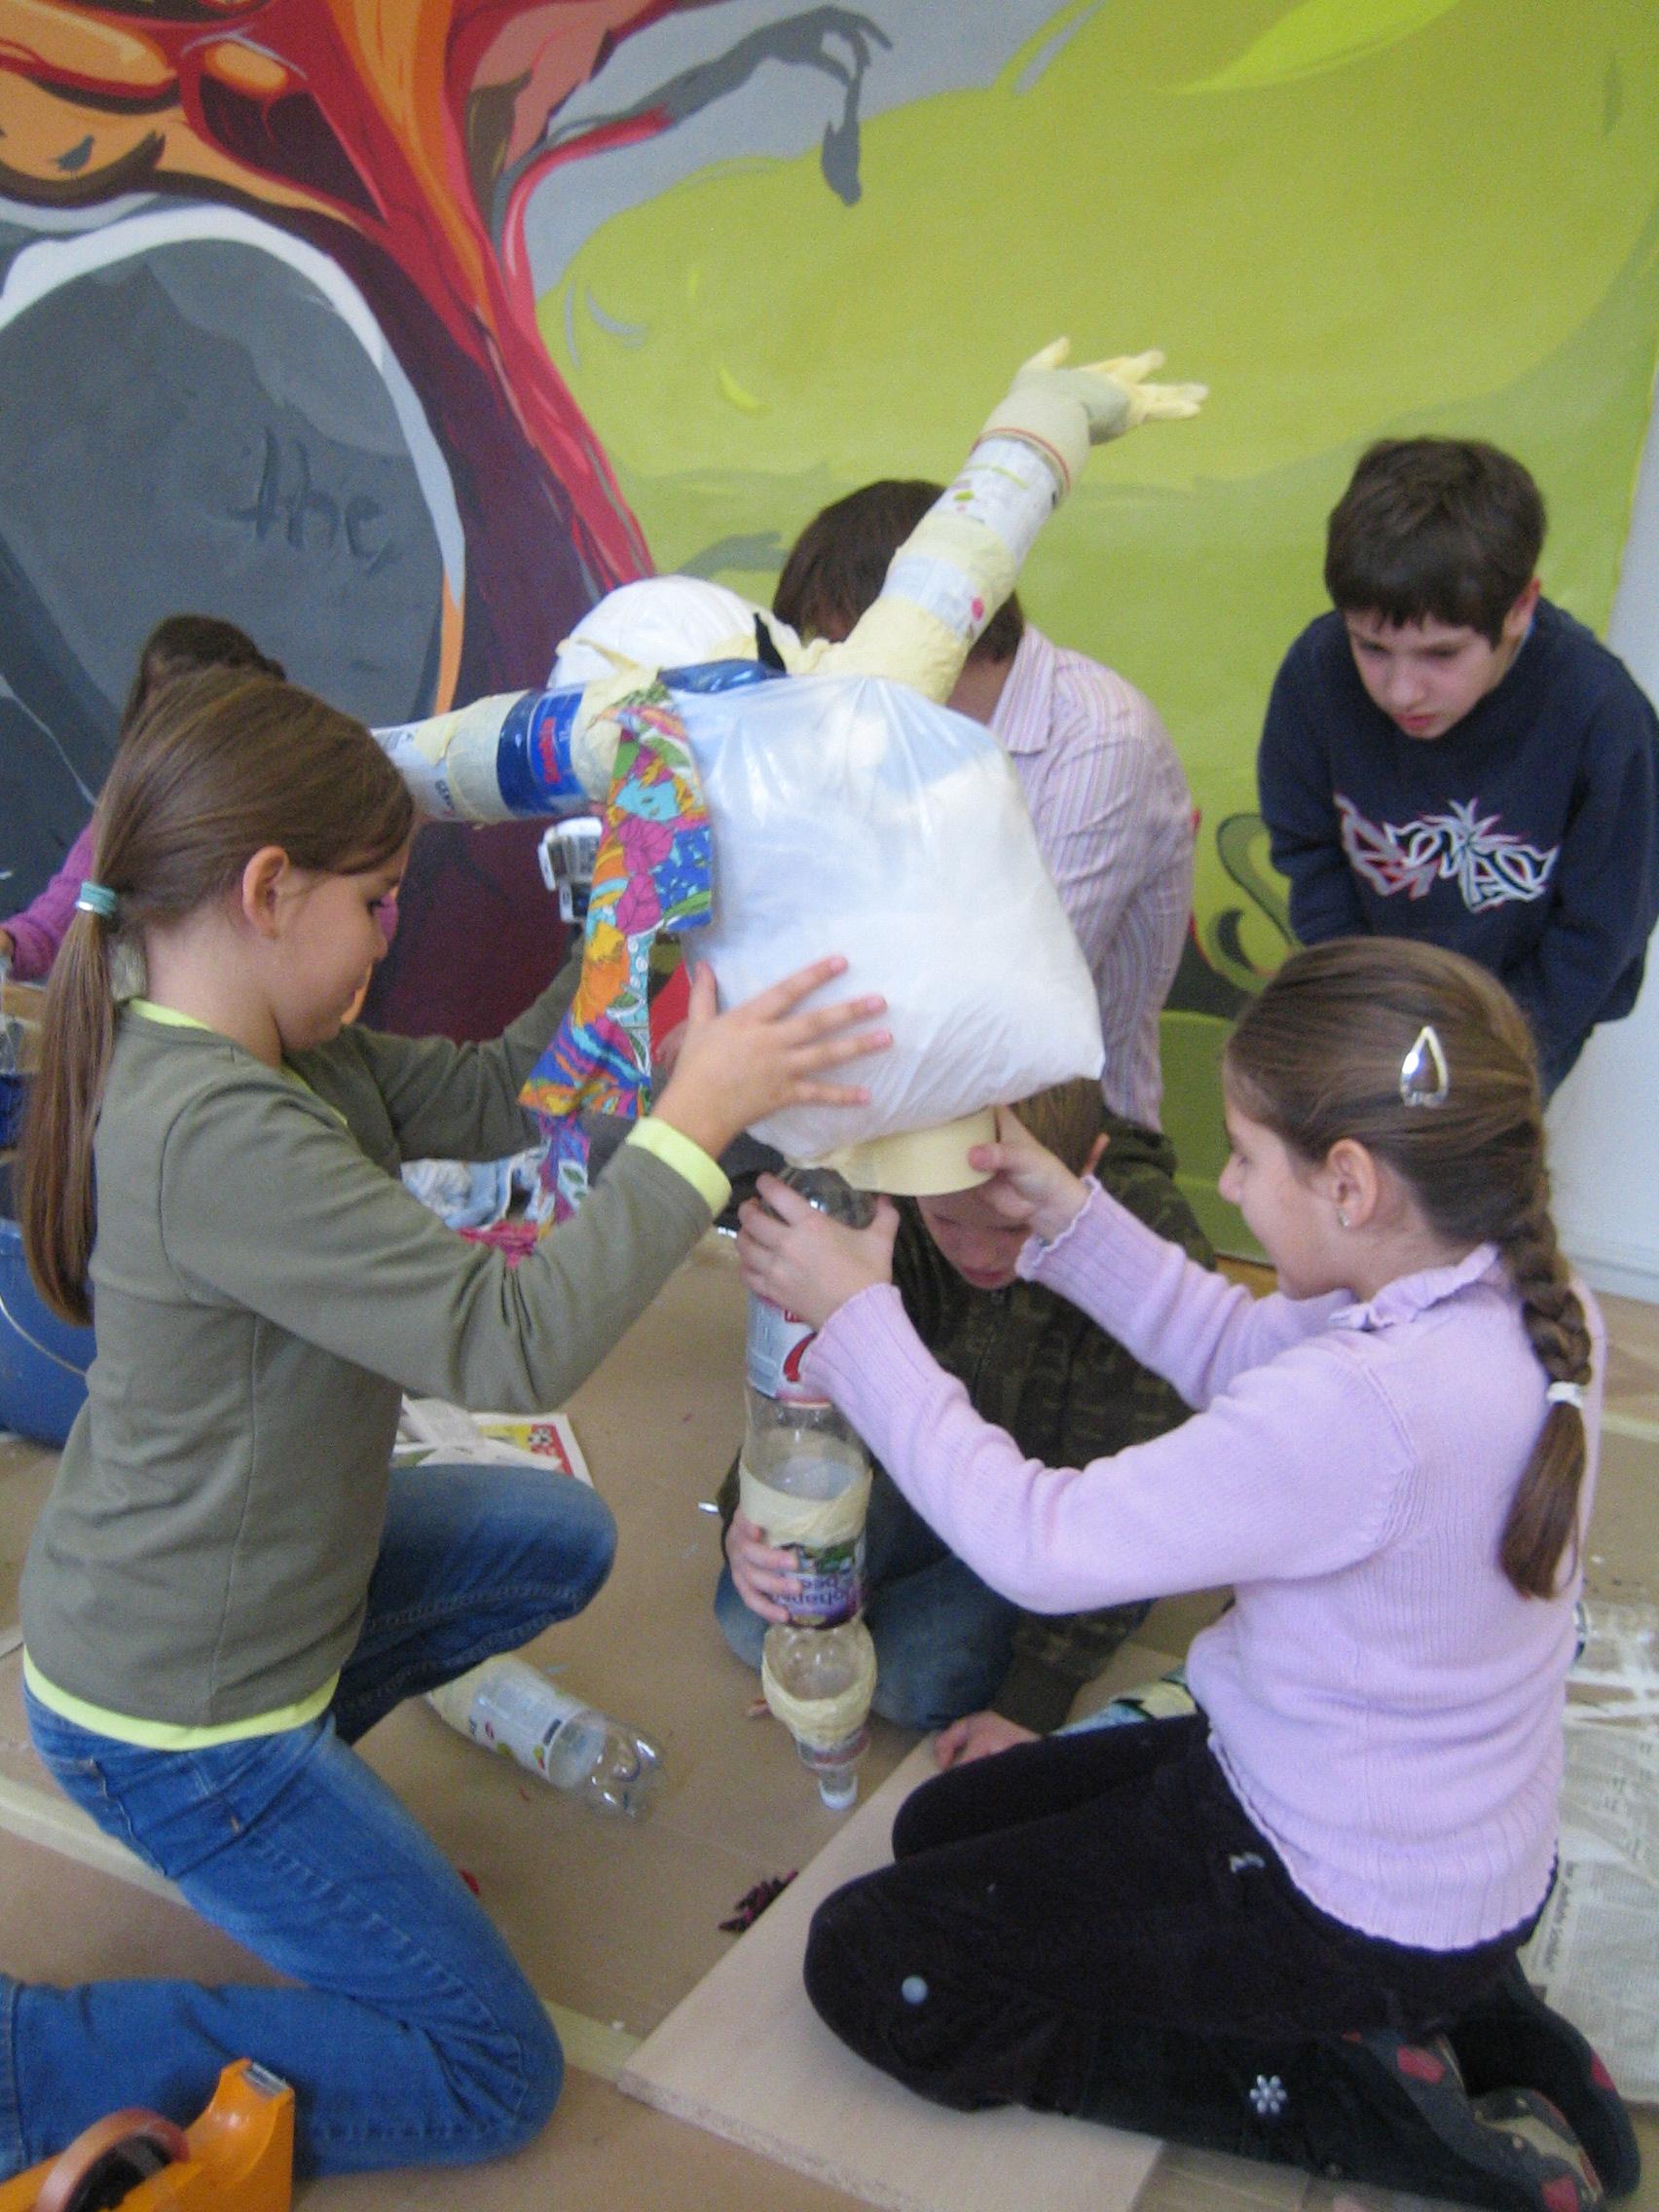 Veranstaltung Workshop: Kreativ-Kids-Club im DomQuartier Salzburg